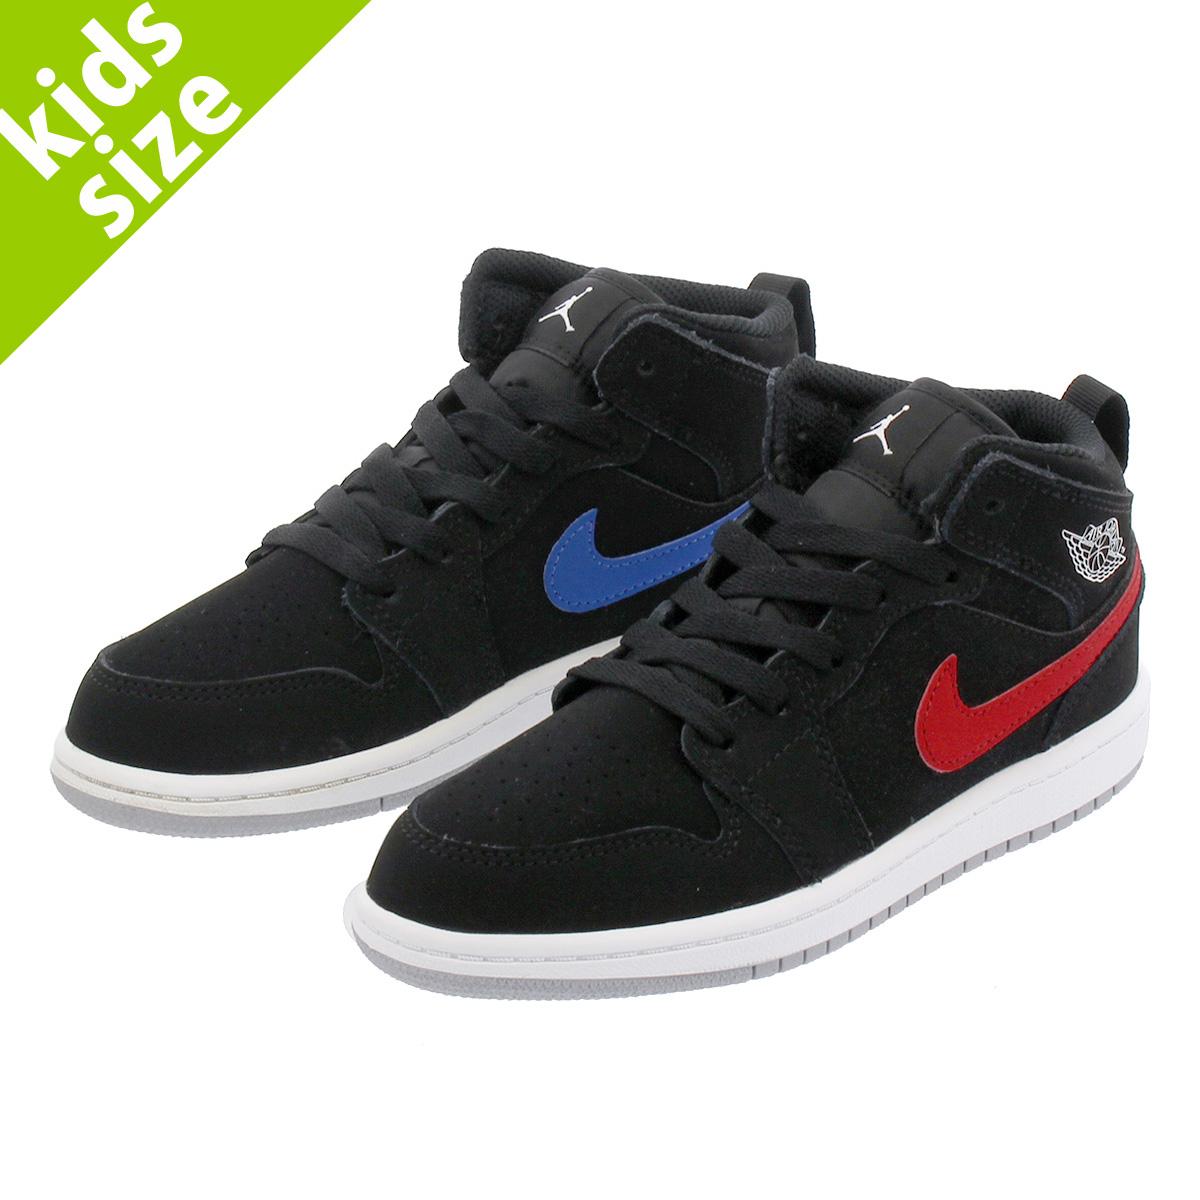 Select Shop Lowtex Nike Air Jordan 1 Mid Ps Nike Air Jordan 1 Mid